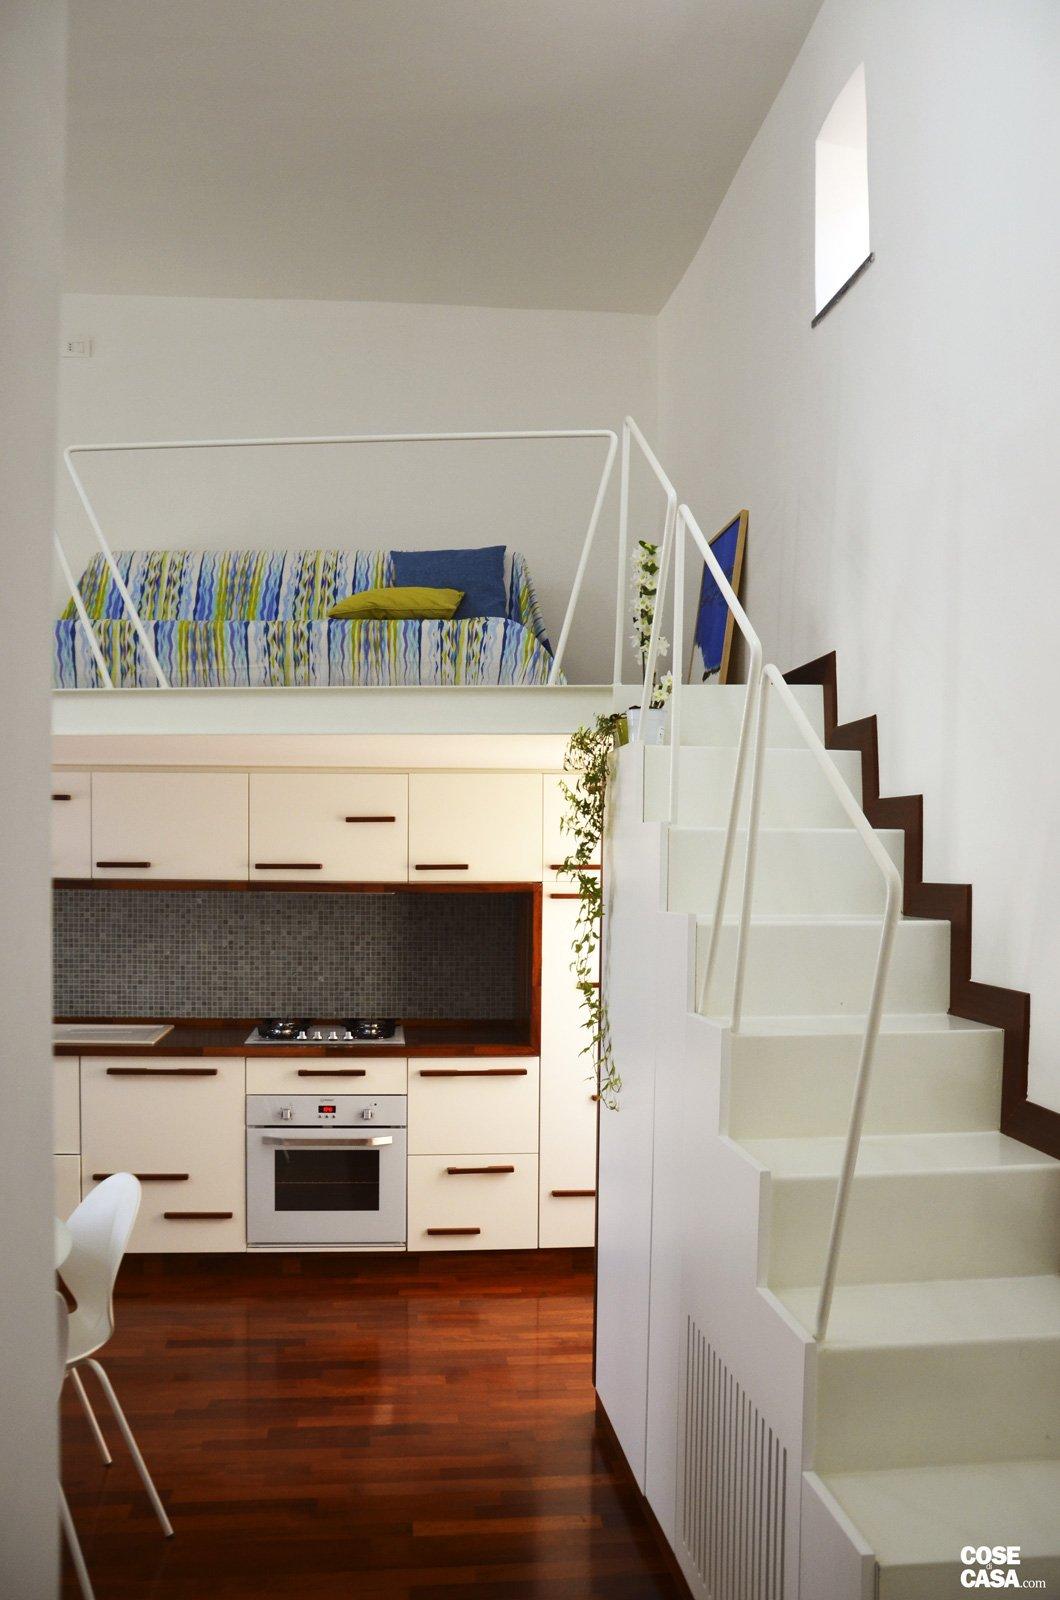 Un mini appartamento di 50 mq che sfrutta l 39 altezza dei for Piani moderni di piccole case con foto